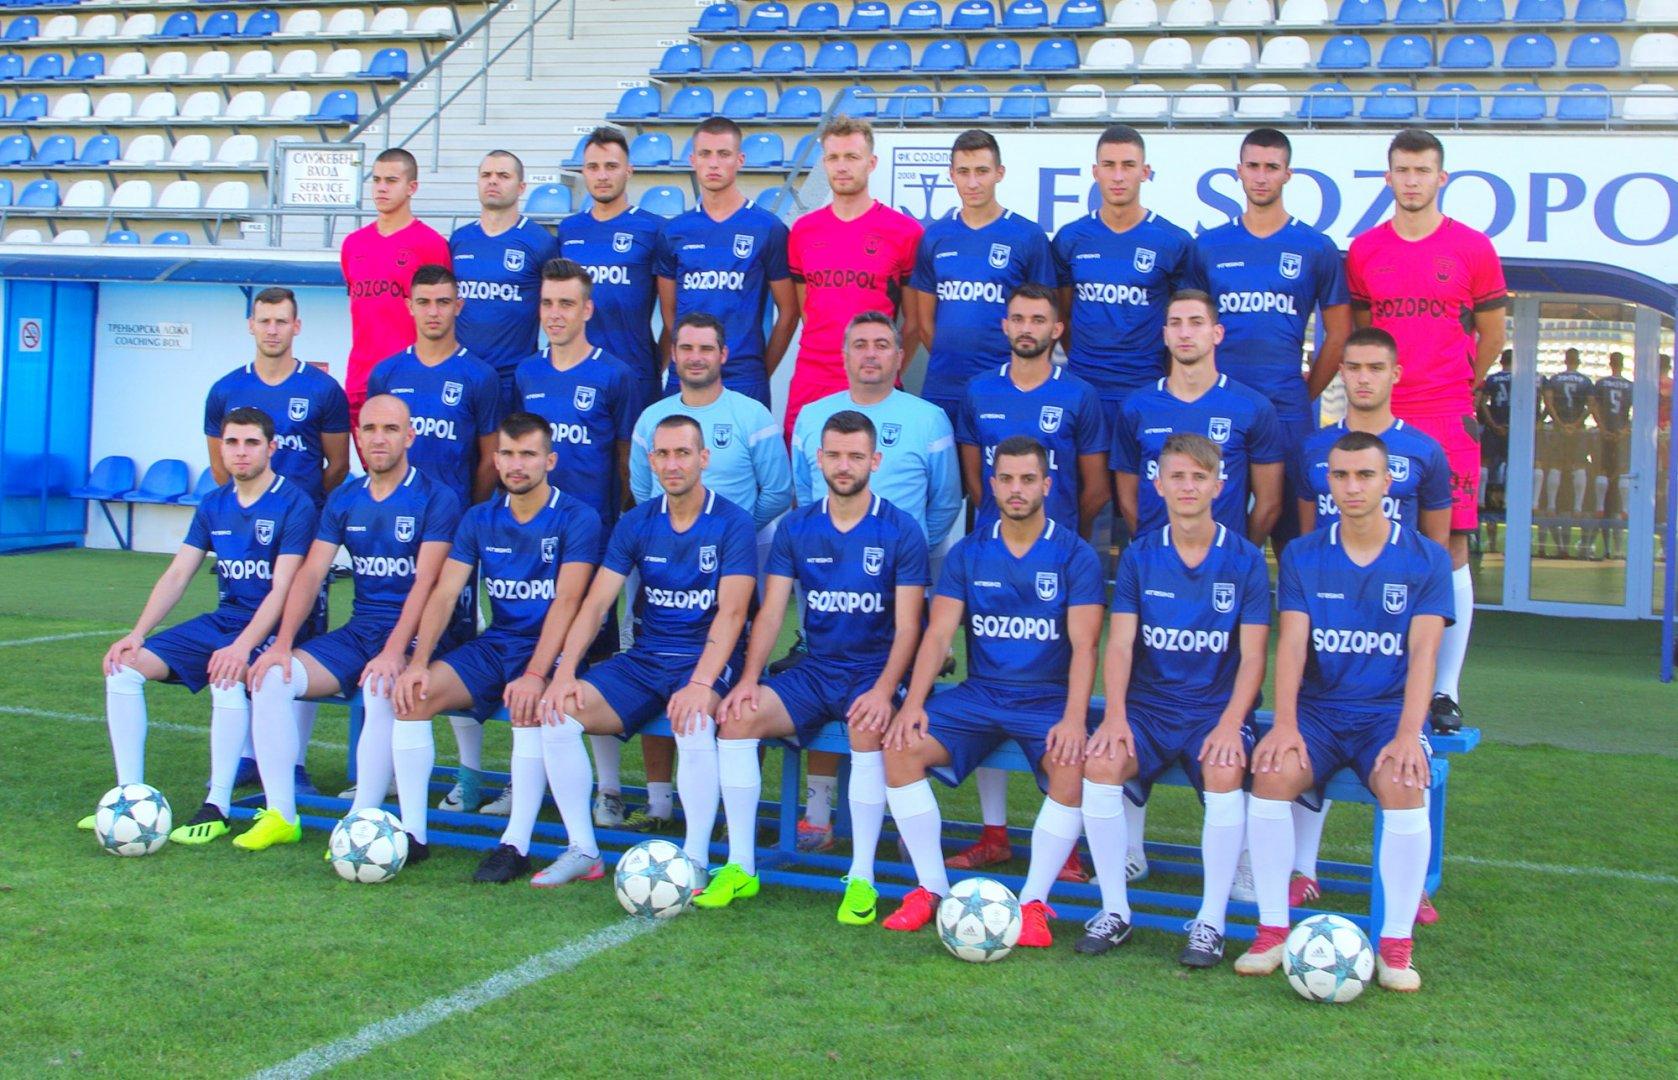 Отборът на Созопол ще бъде подсилен с нови футболисти